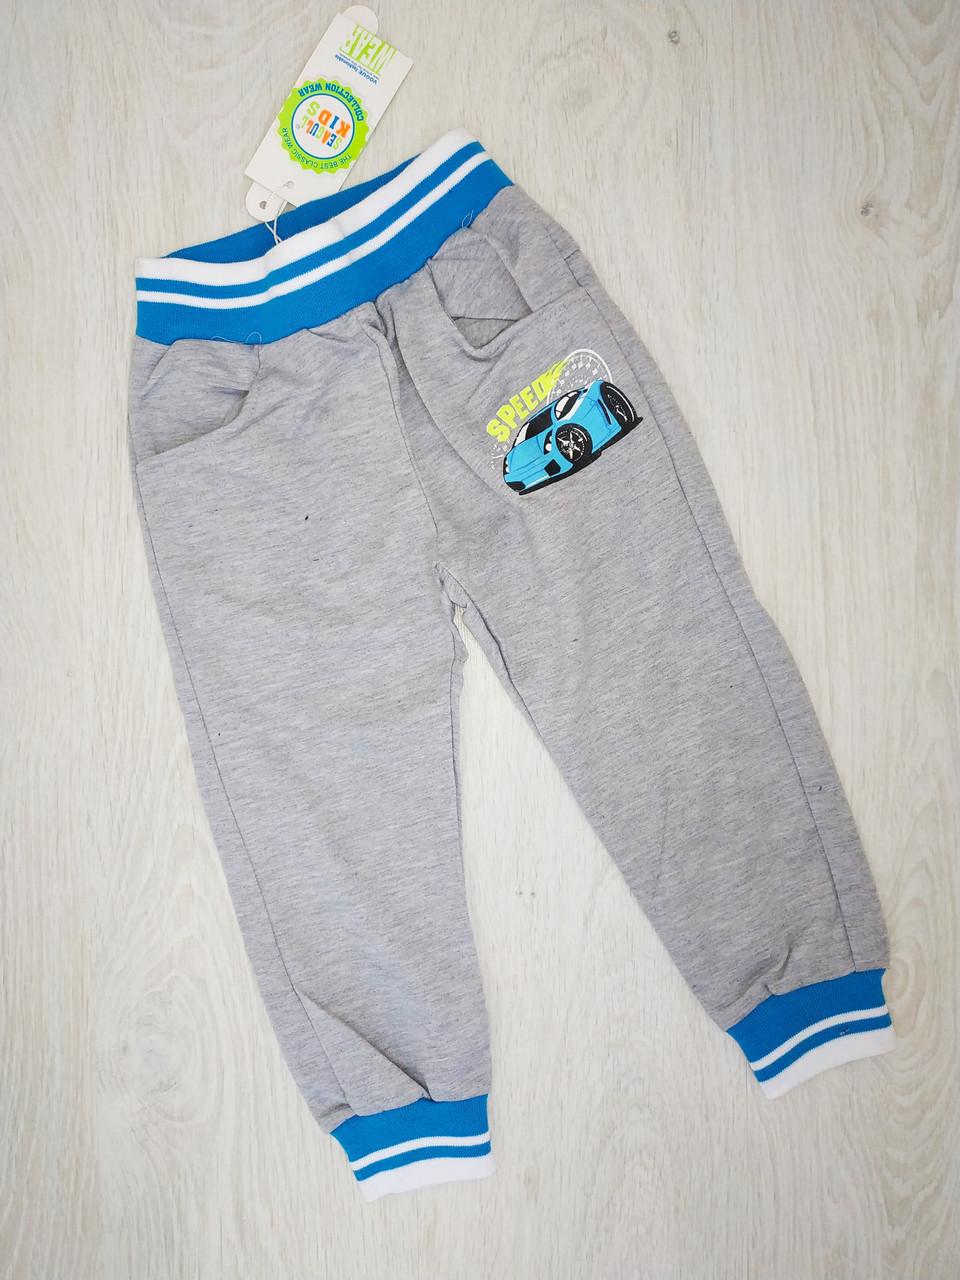 Спортивные брюки для мальчиков, Seagull, Венгрия, арт. 69032